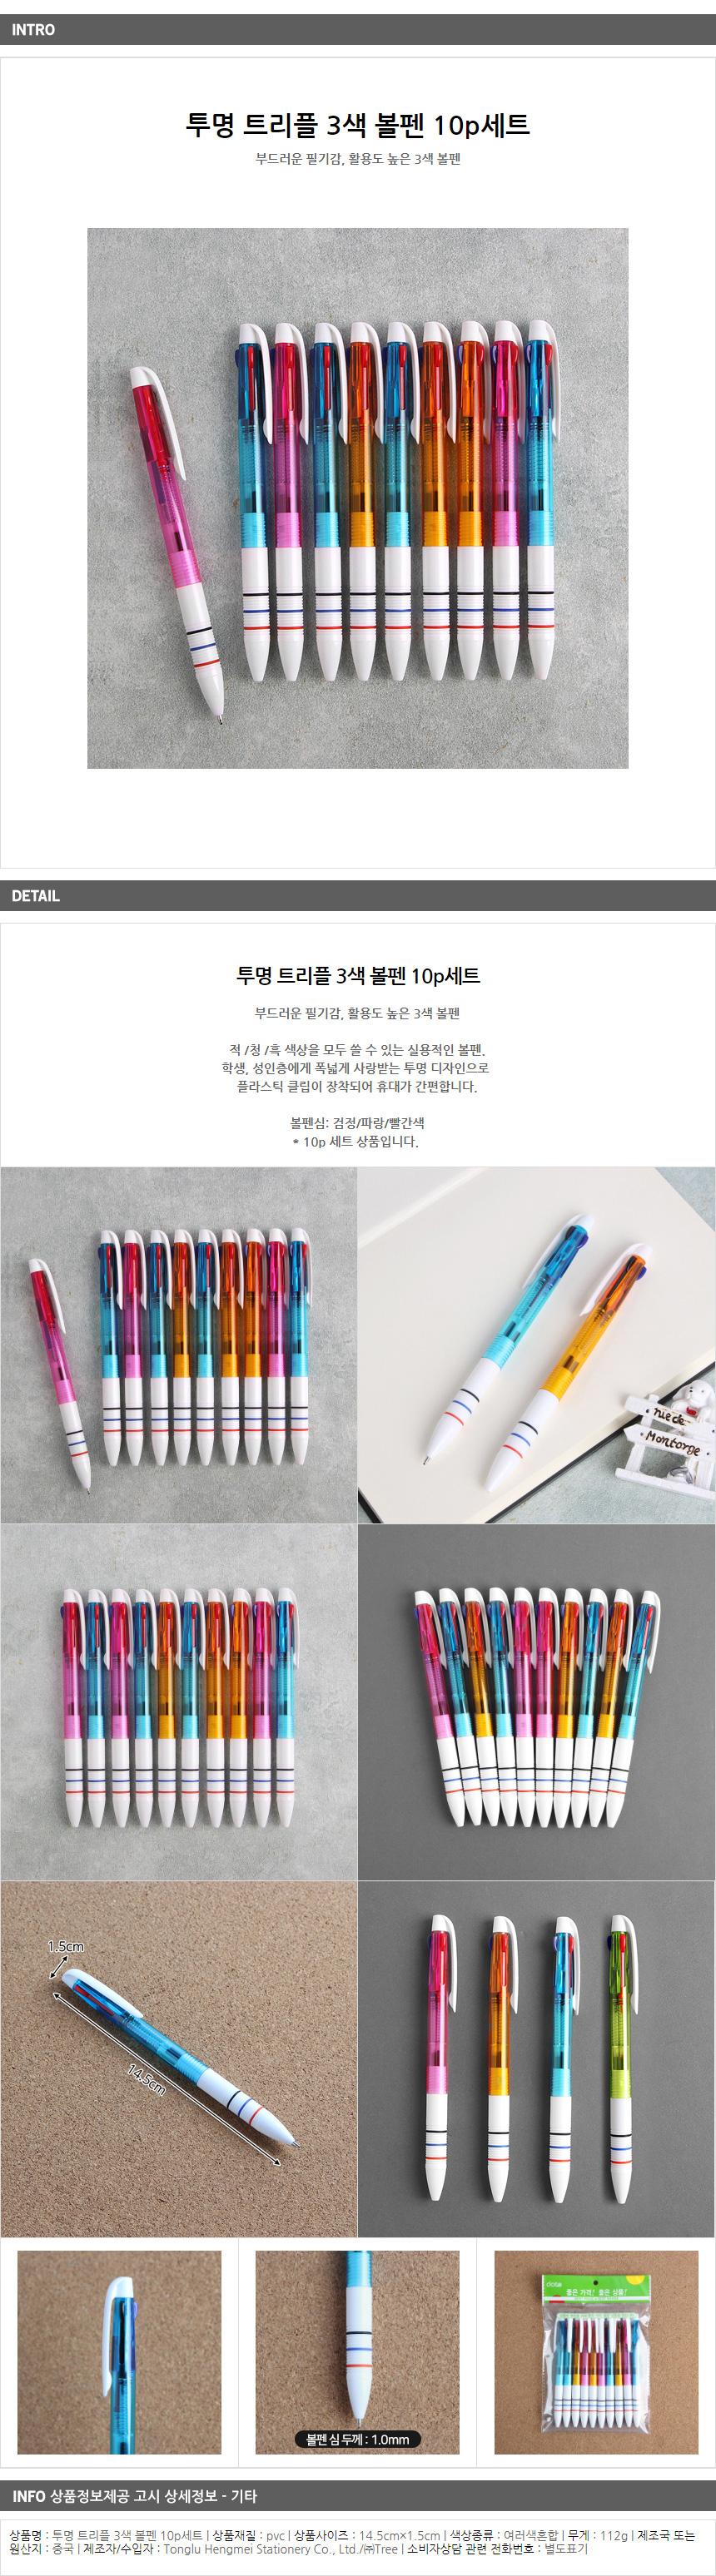 멀티 3색 볼펜 10P 세트 - 기프트갓, 3,500원, 볼펜, 볼펜 세트